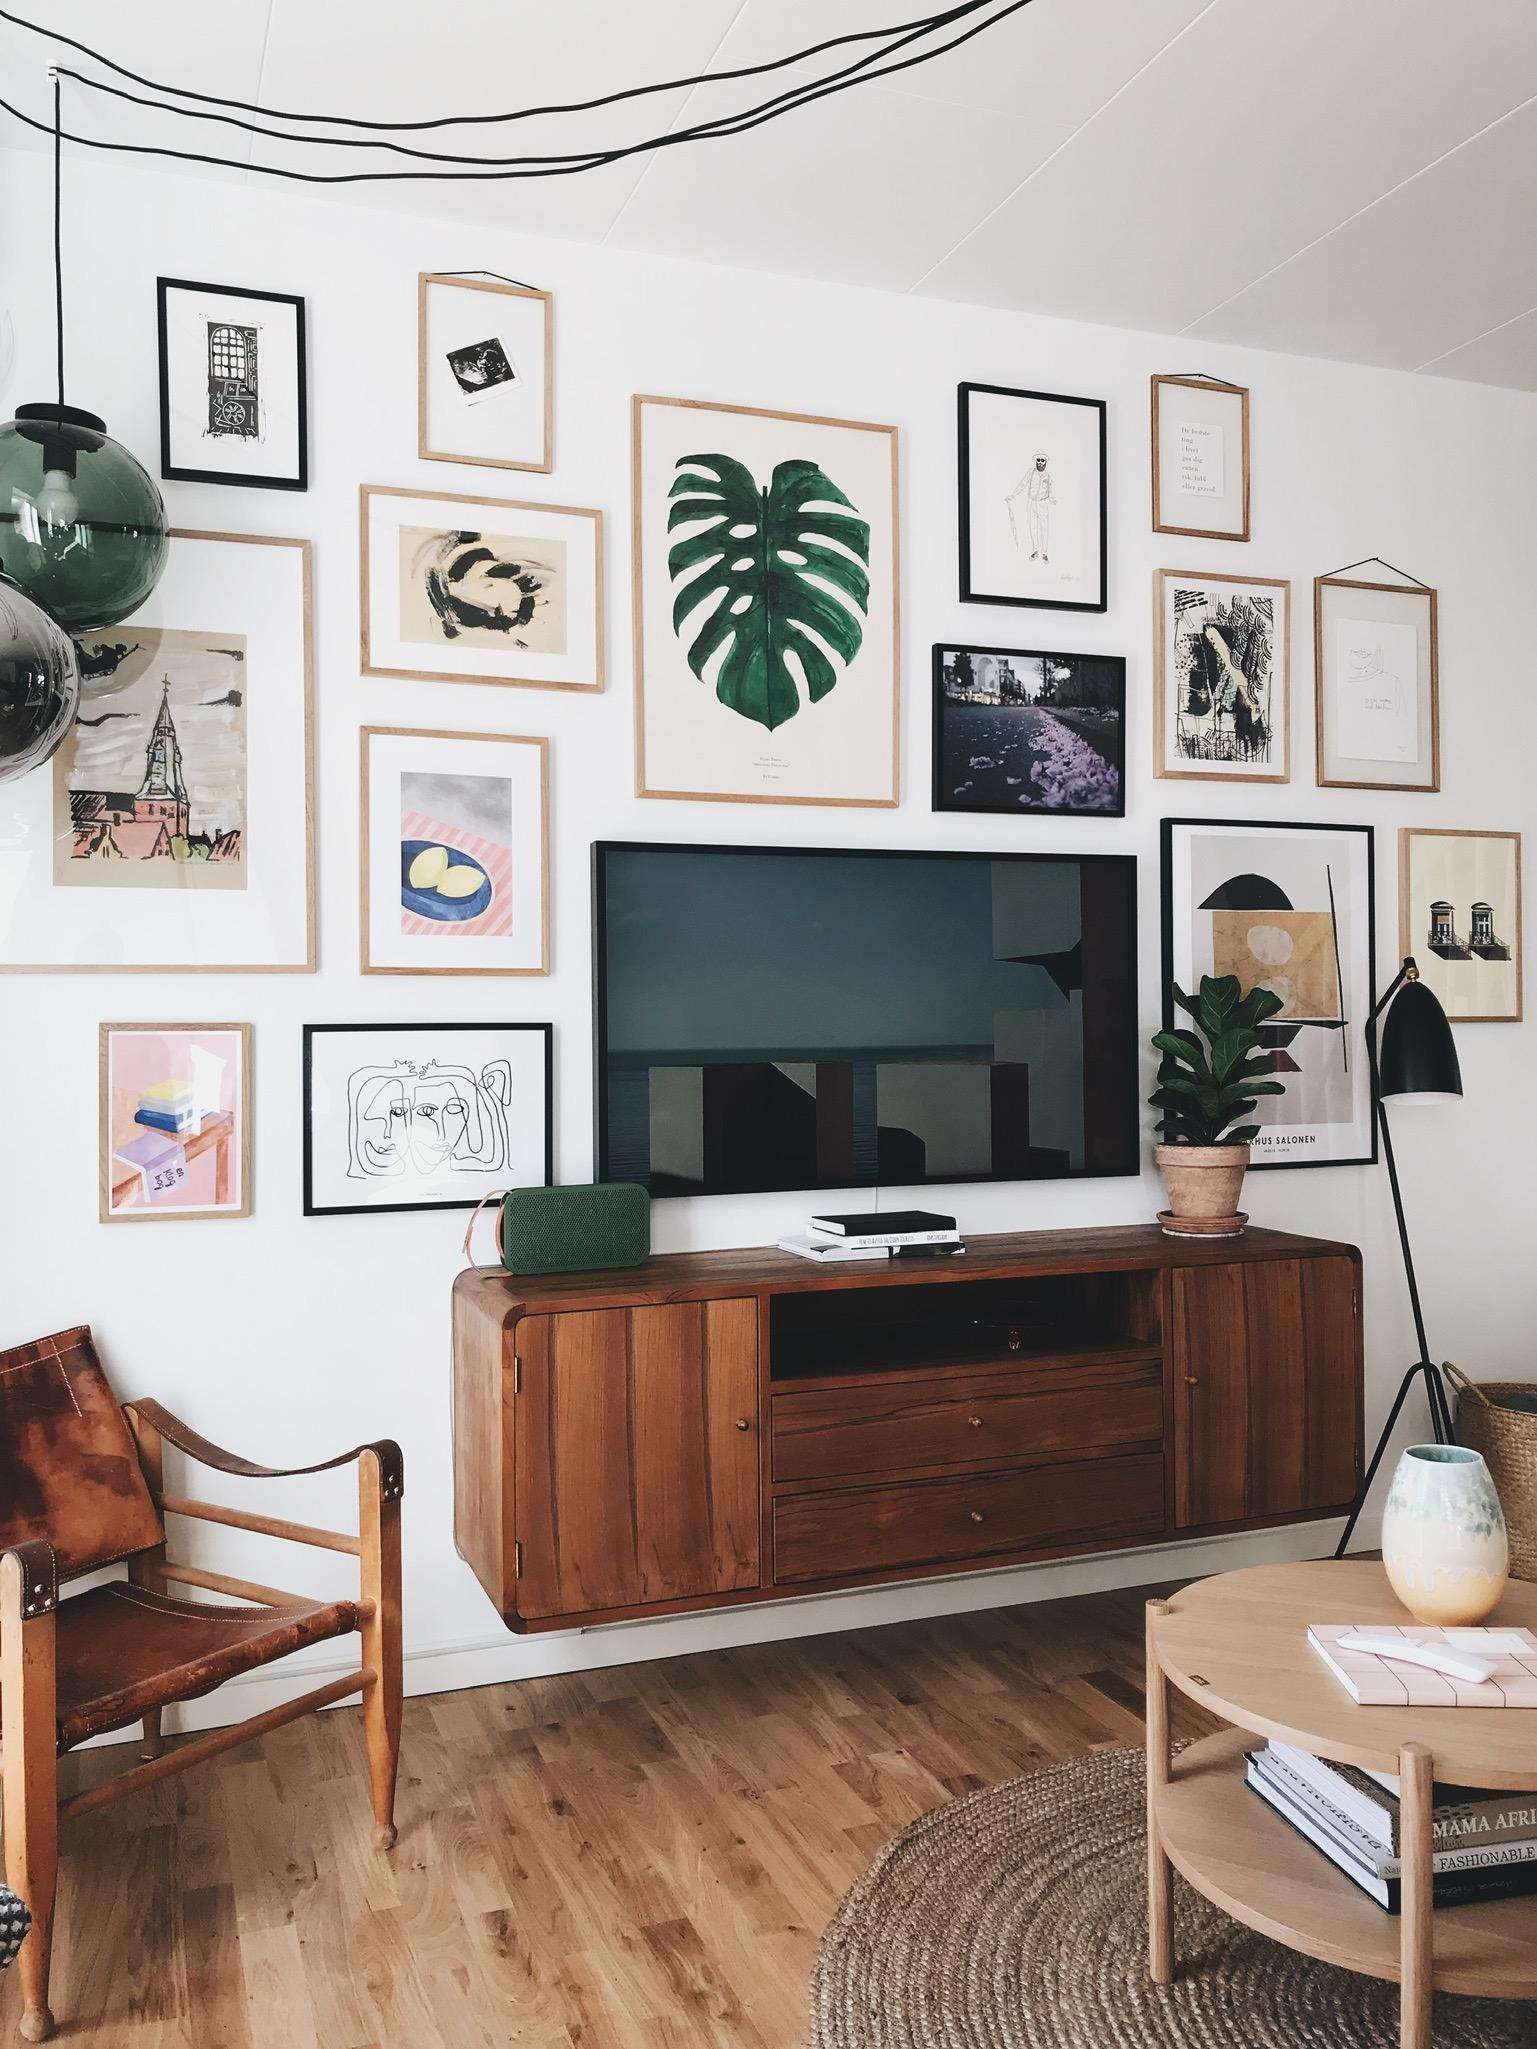 Stue: Sådan får du <strong>tv'et</strong> til at blive en del af indretningen 11